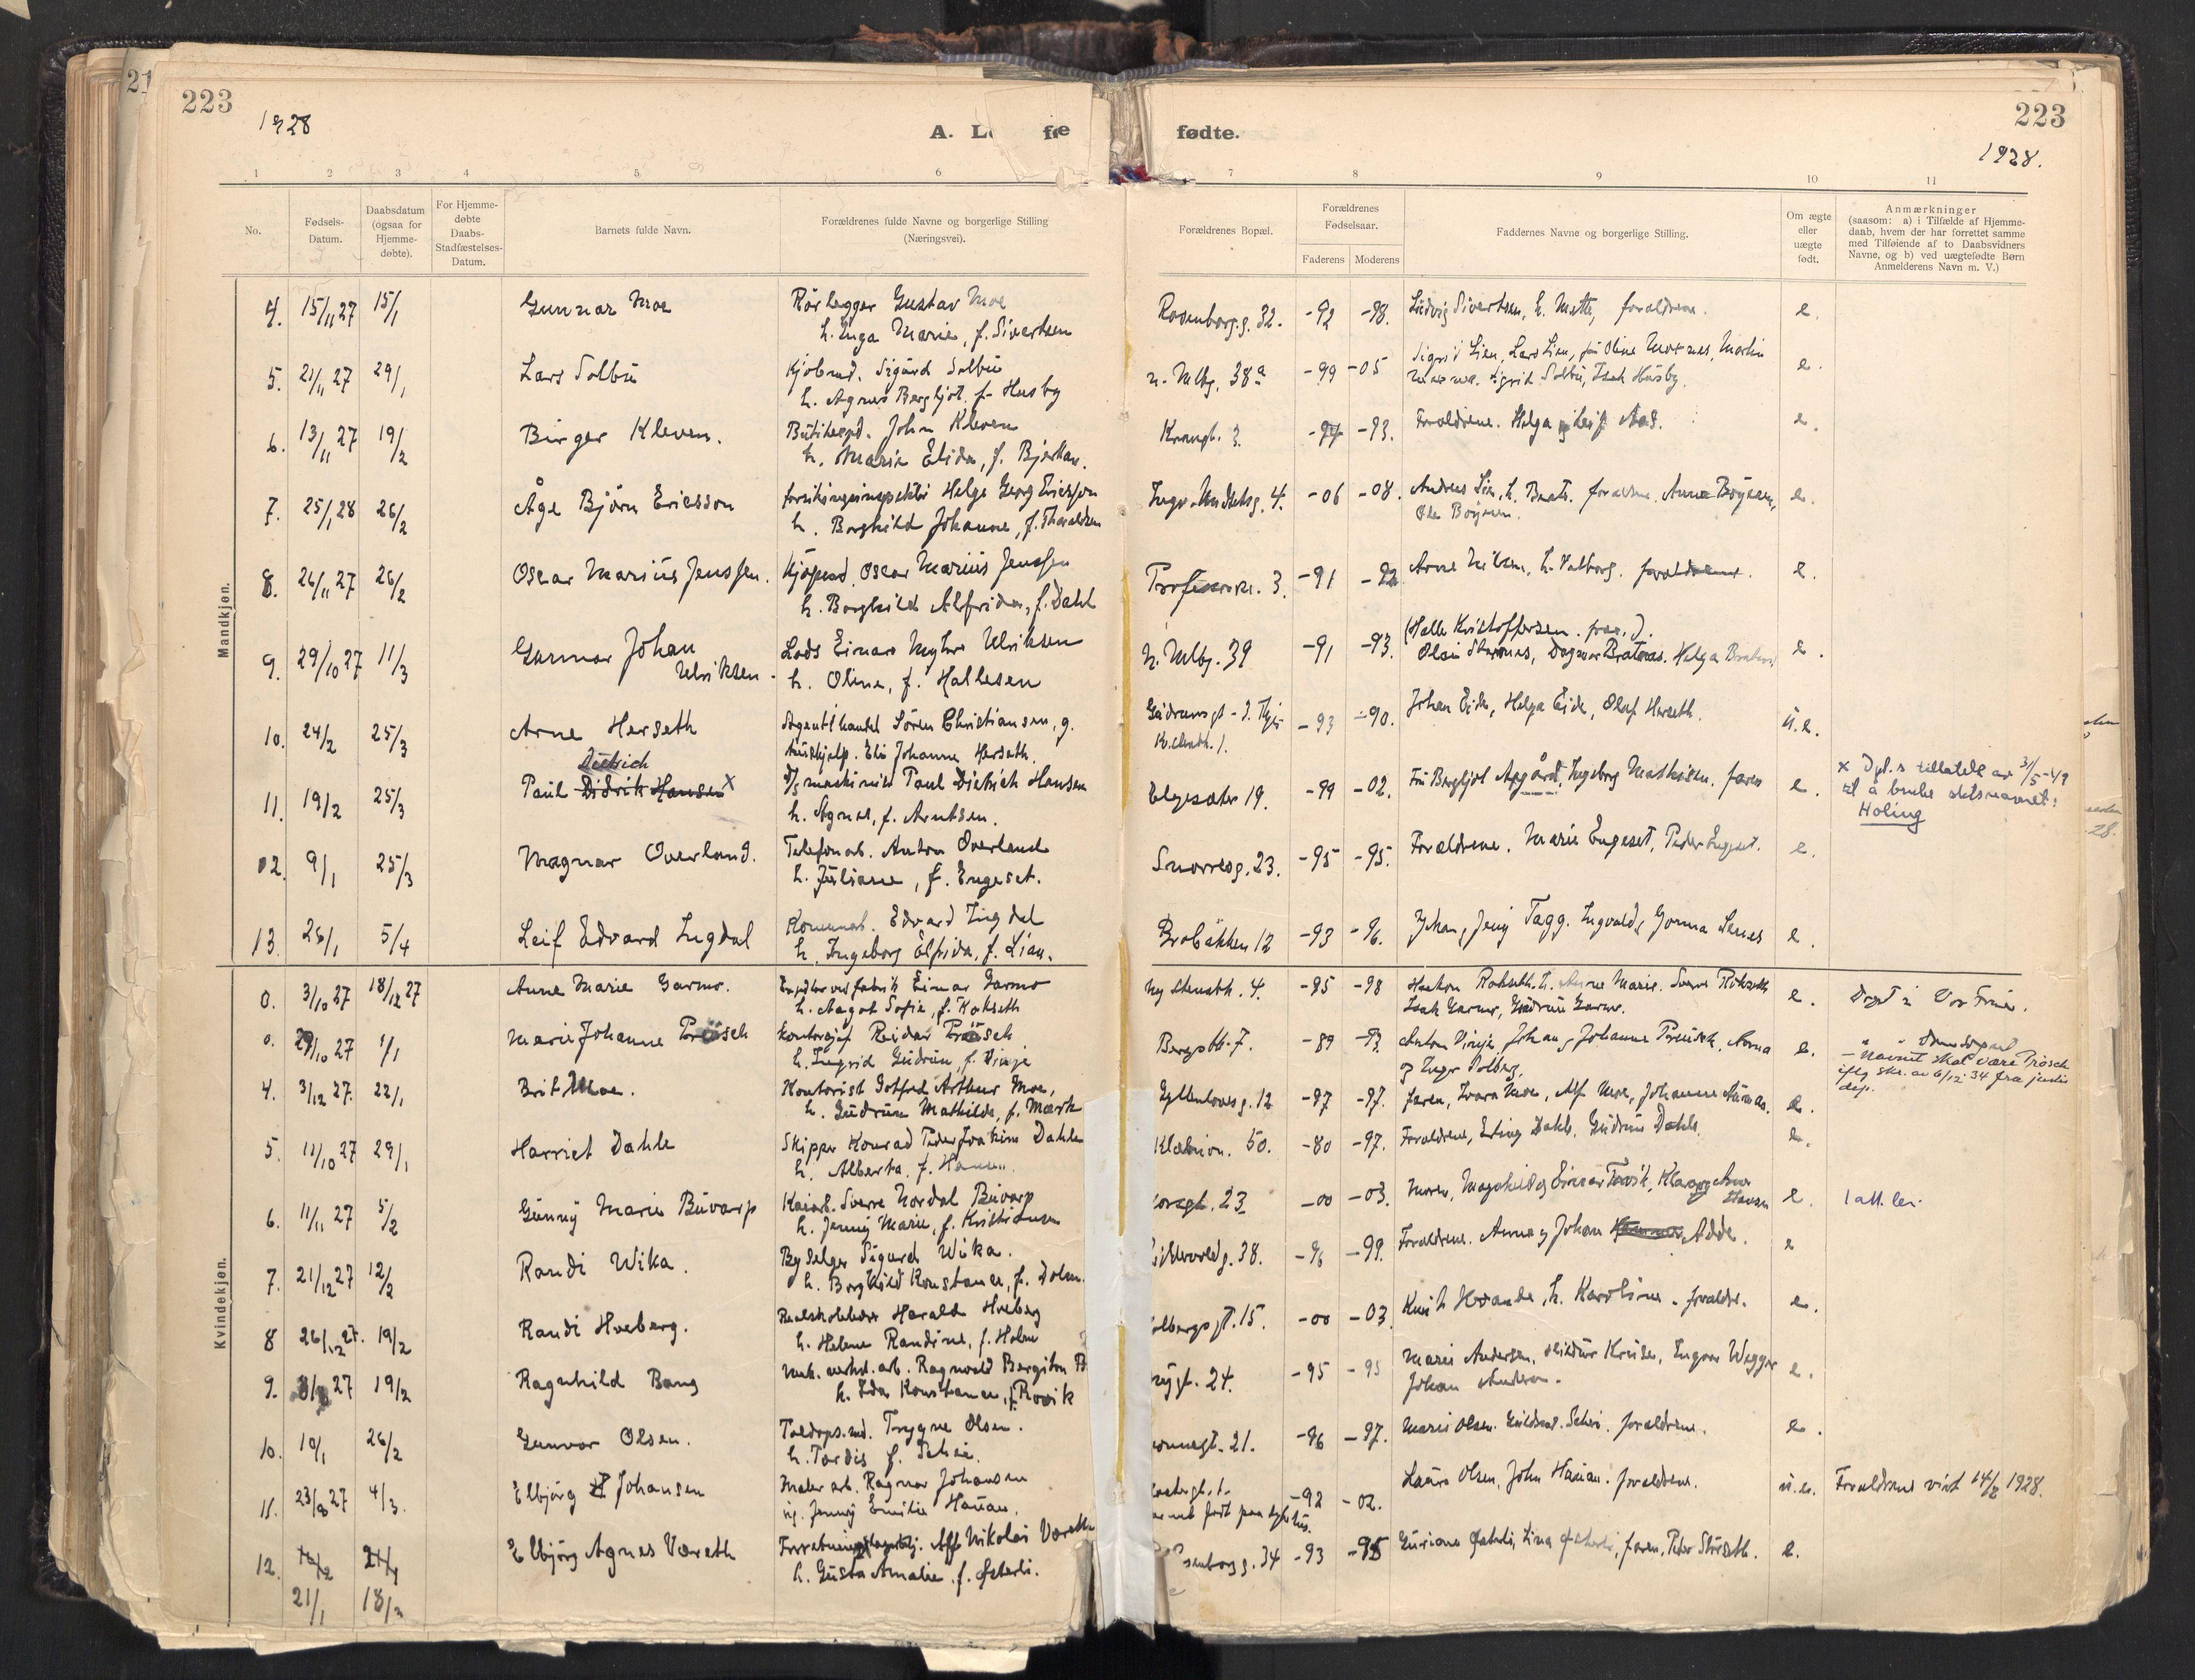 SAT, Ministerialprotokoller, klokkerbøker og fødselsregistre - Sør-Trøndelag, 604/L0205: Ministerialbok nr. 604A25, 1917-1932, s. 223